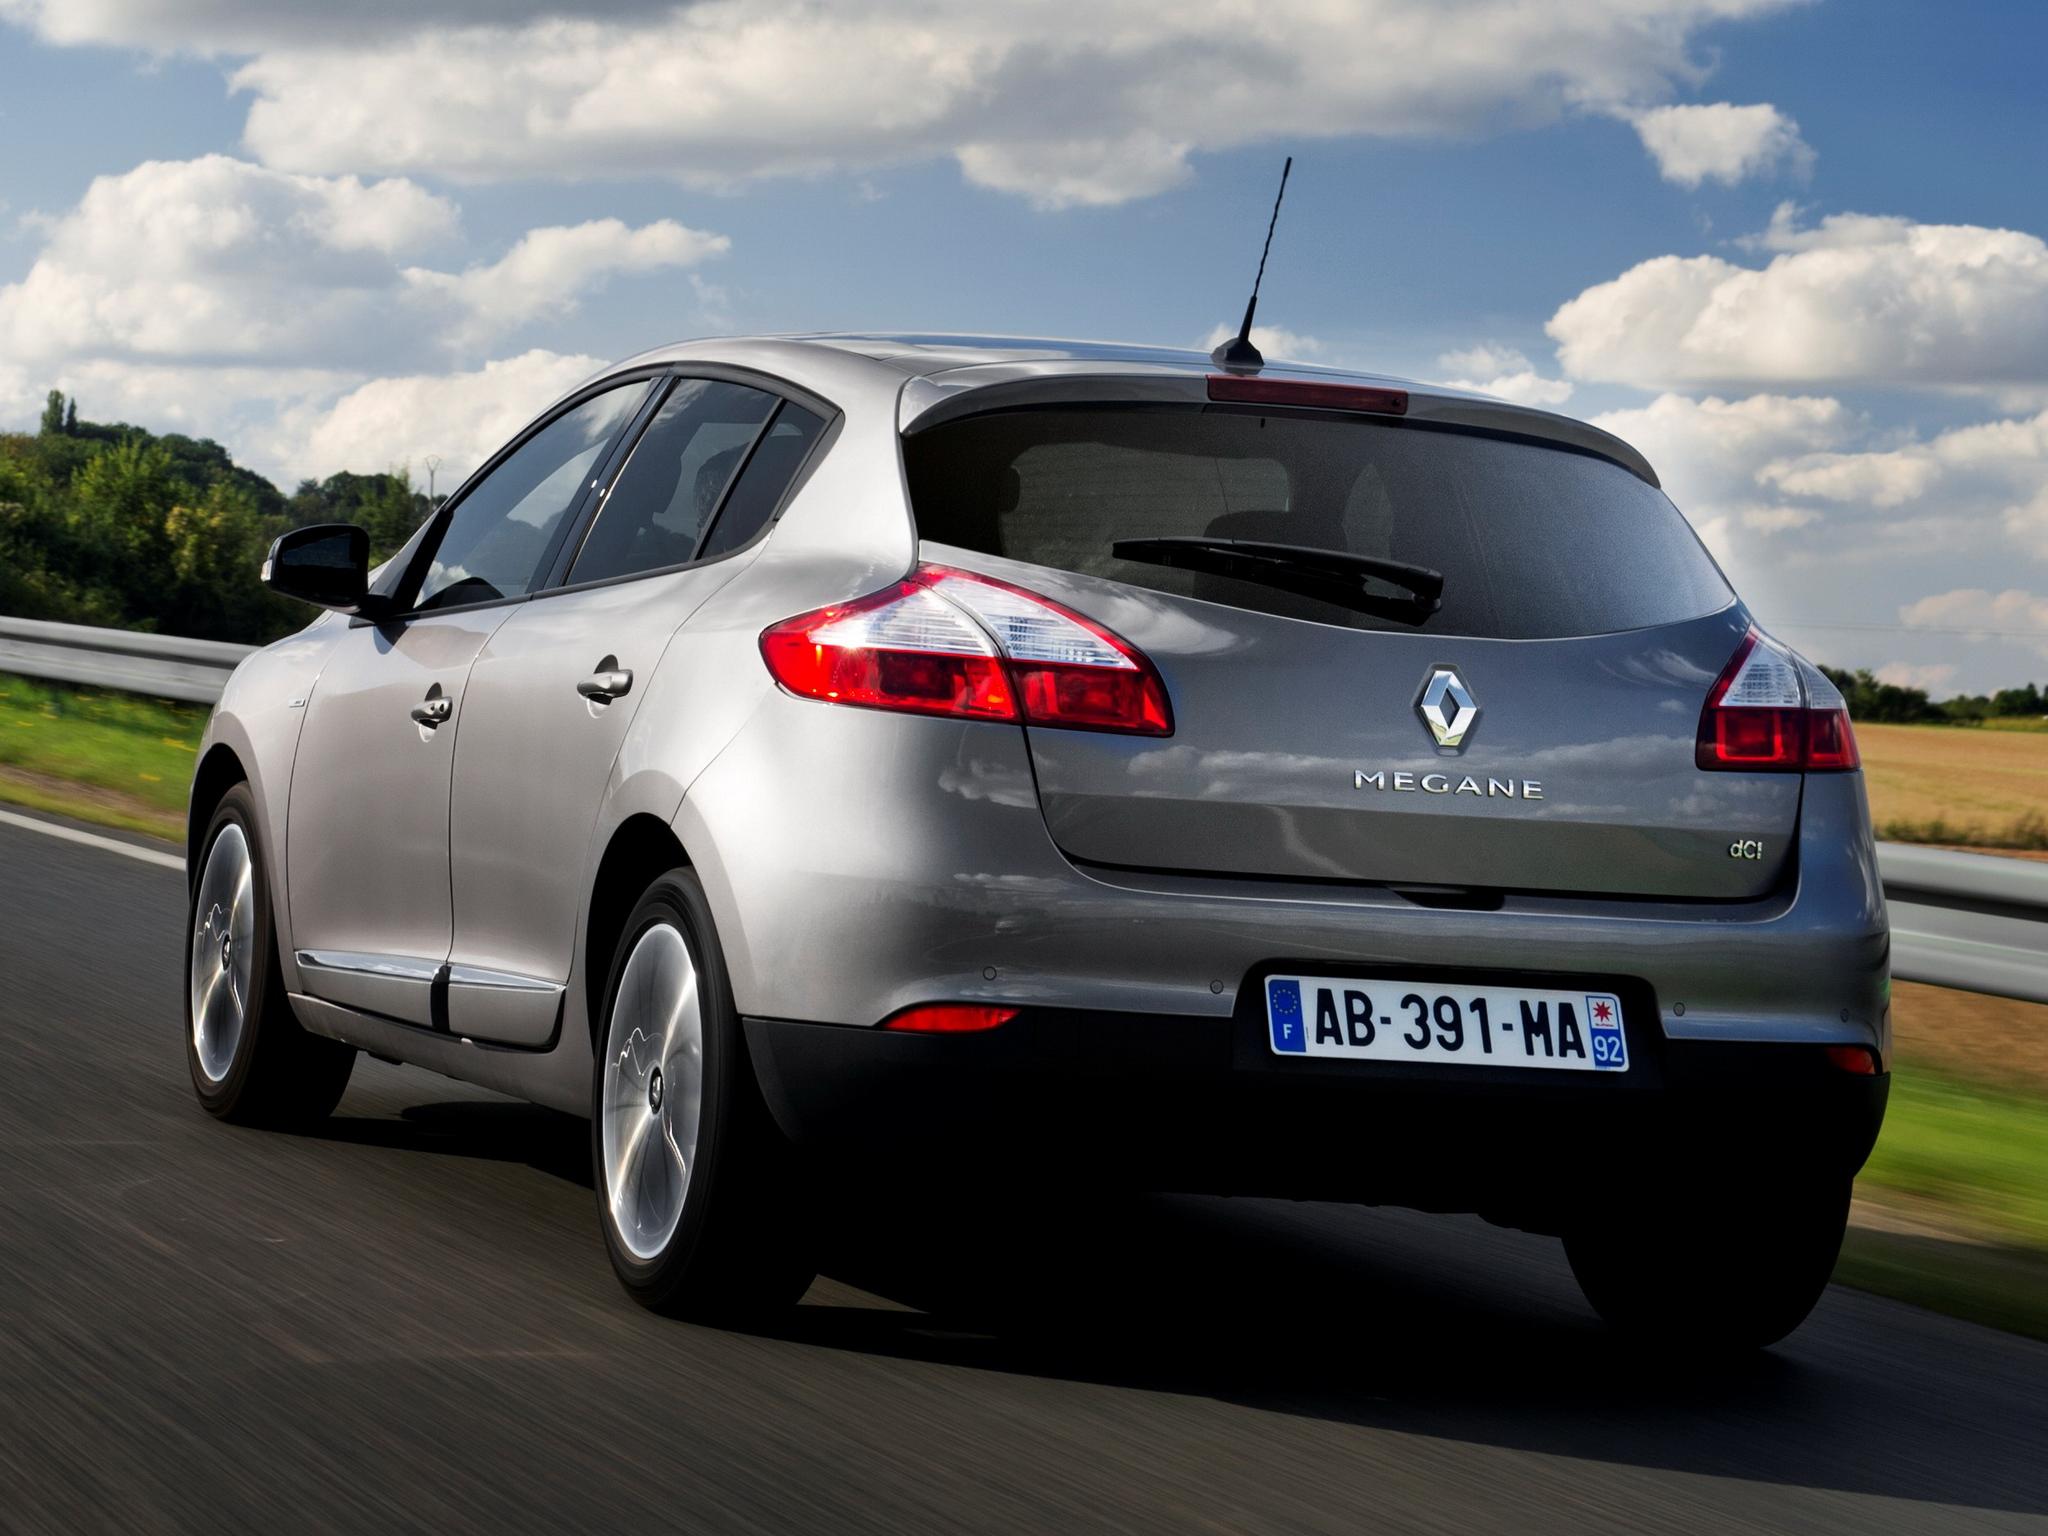 Renault Megane Interior 2014 2014 Renault Megane fs